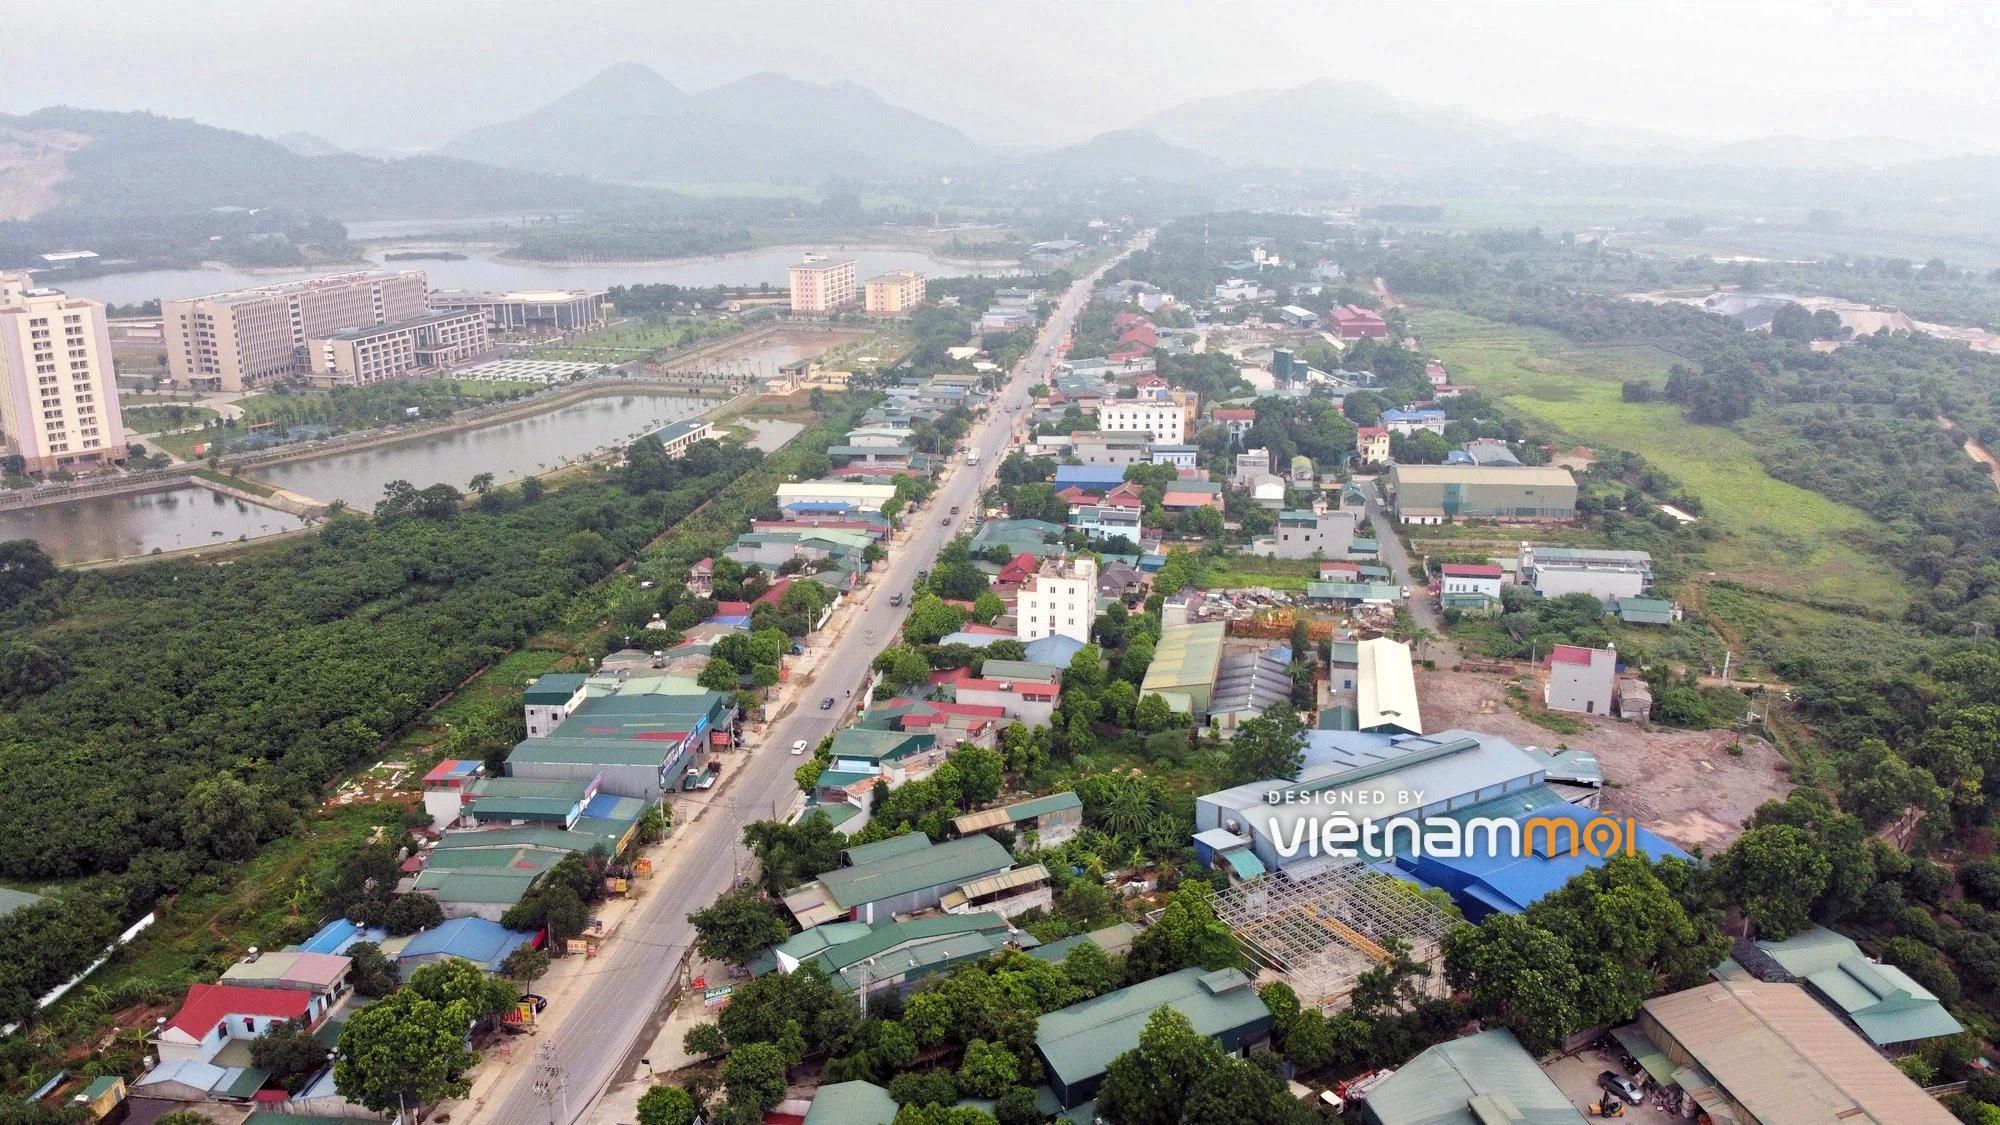 Huyện Quốc Oai sẽ thu hồi hơn 195 ha đất năm 2021, mở nhiều đường trong đó có đoạn vành đai Đô thị vệ tinh Hoà Lạc - Ảnh 1.